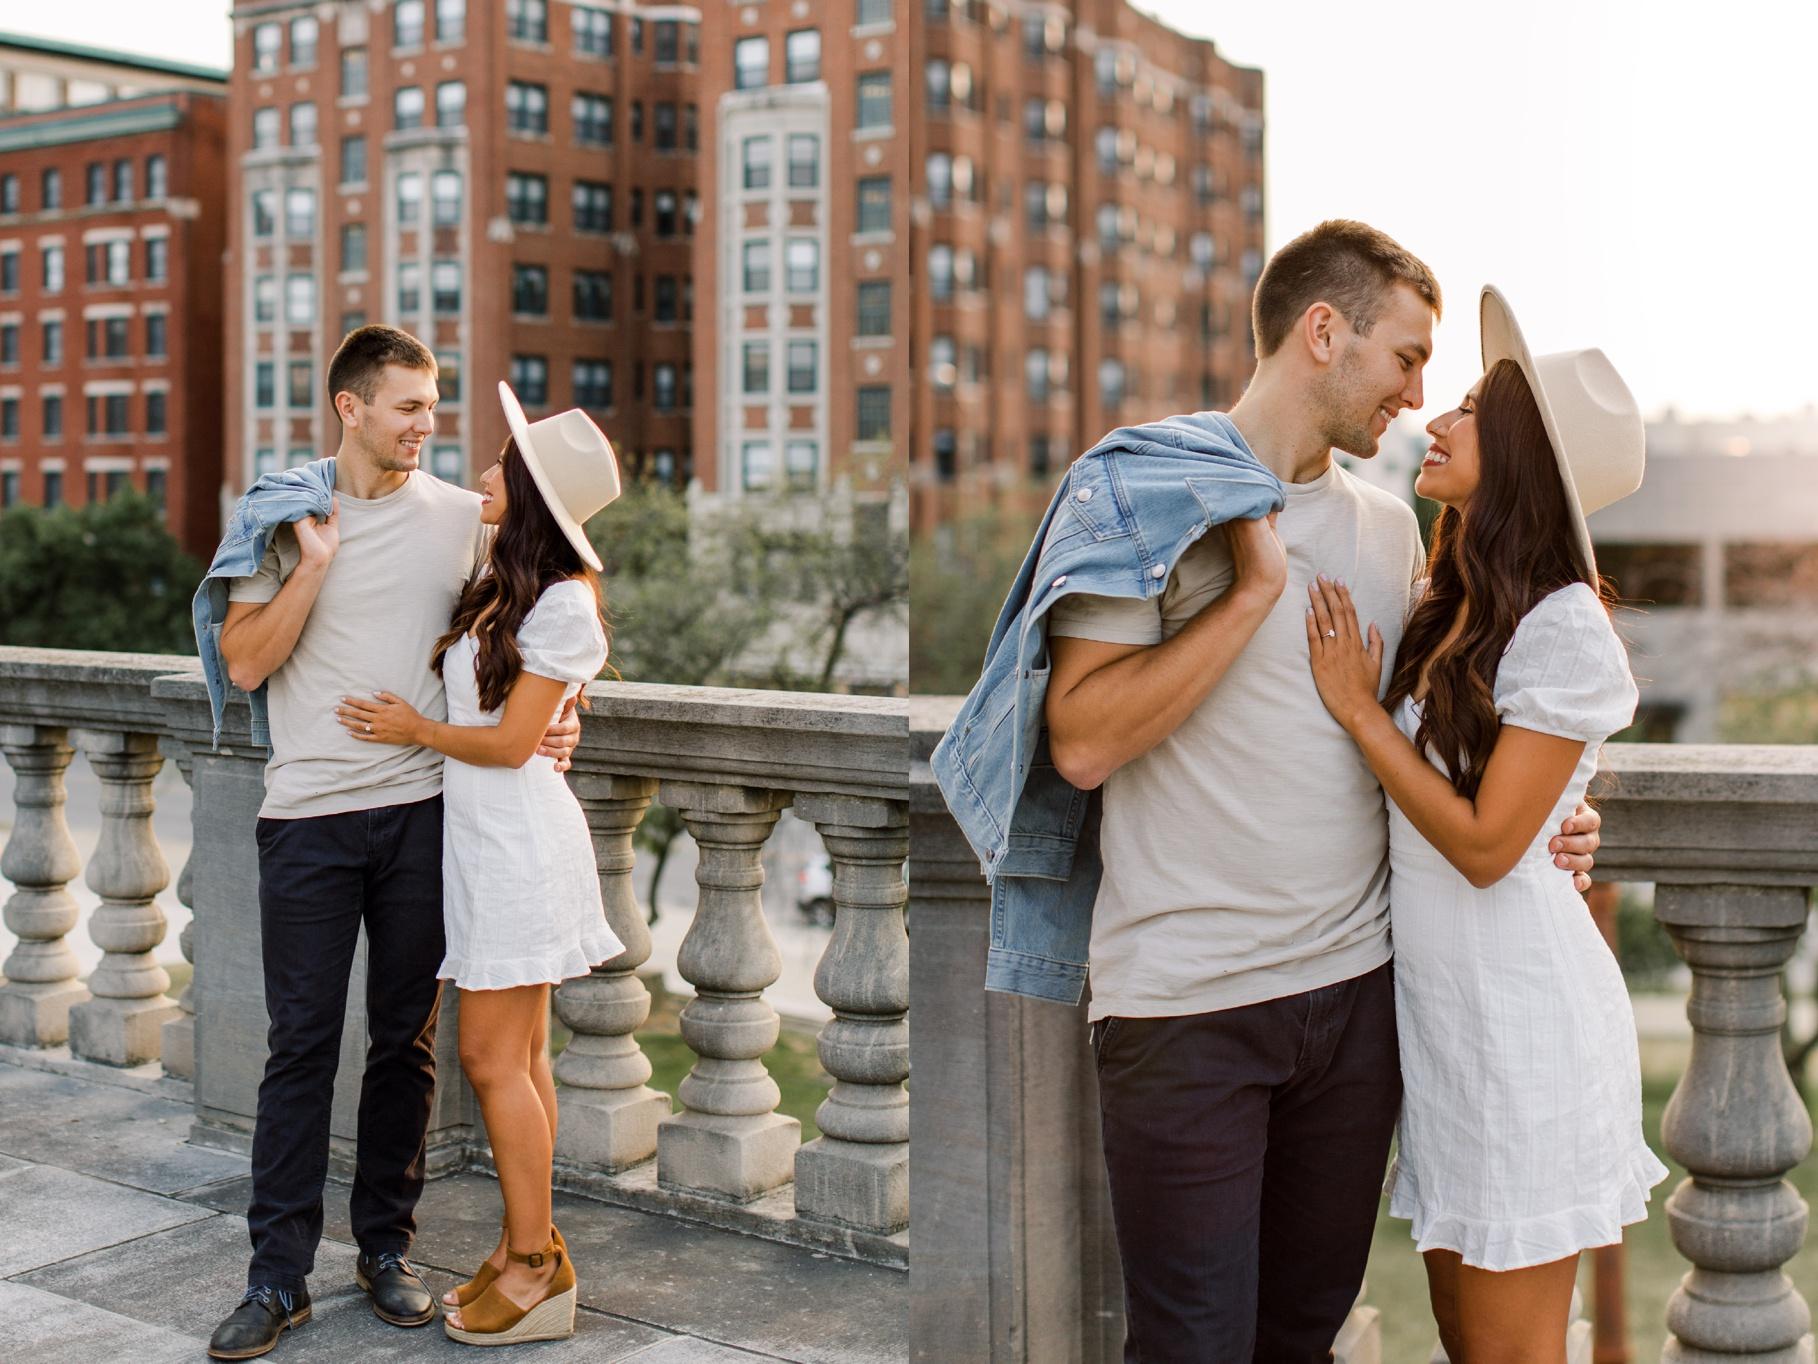 Engagement-photo-ideas